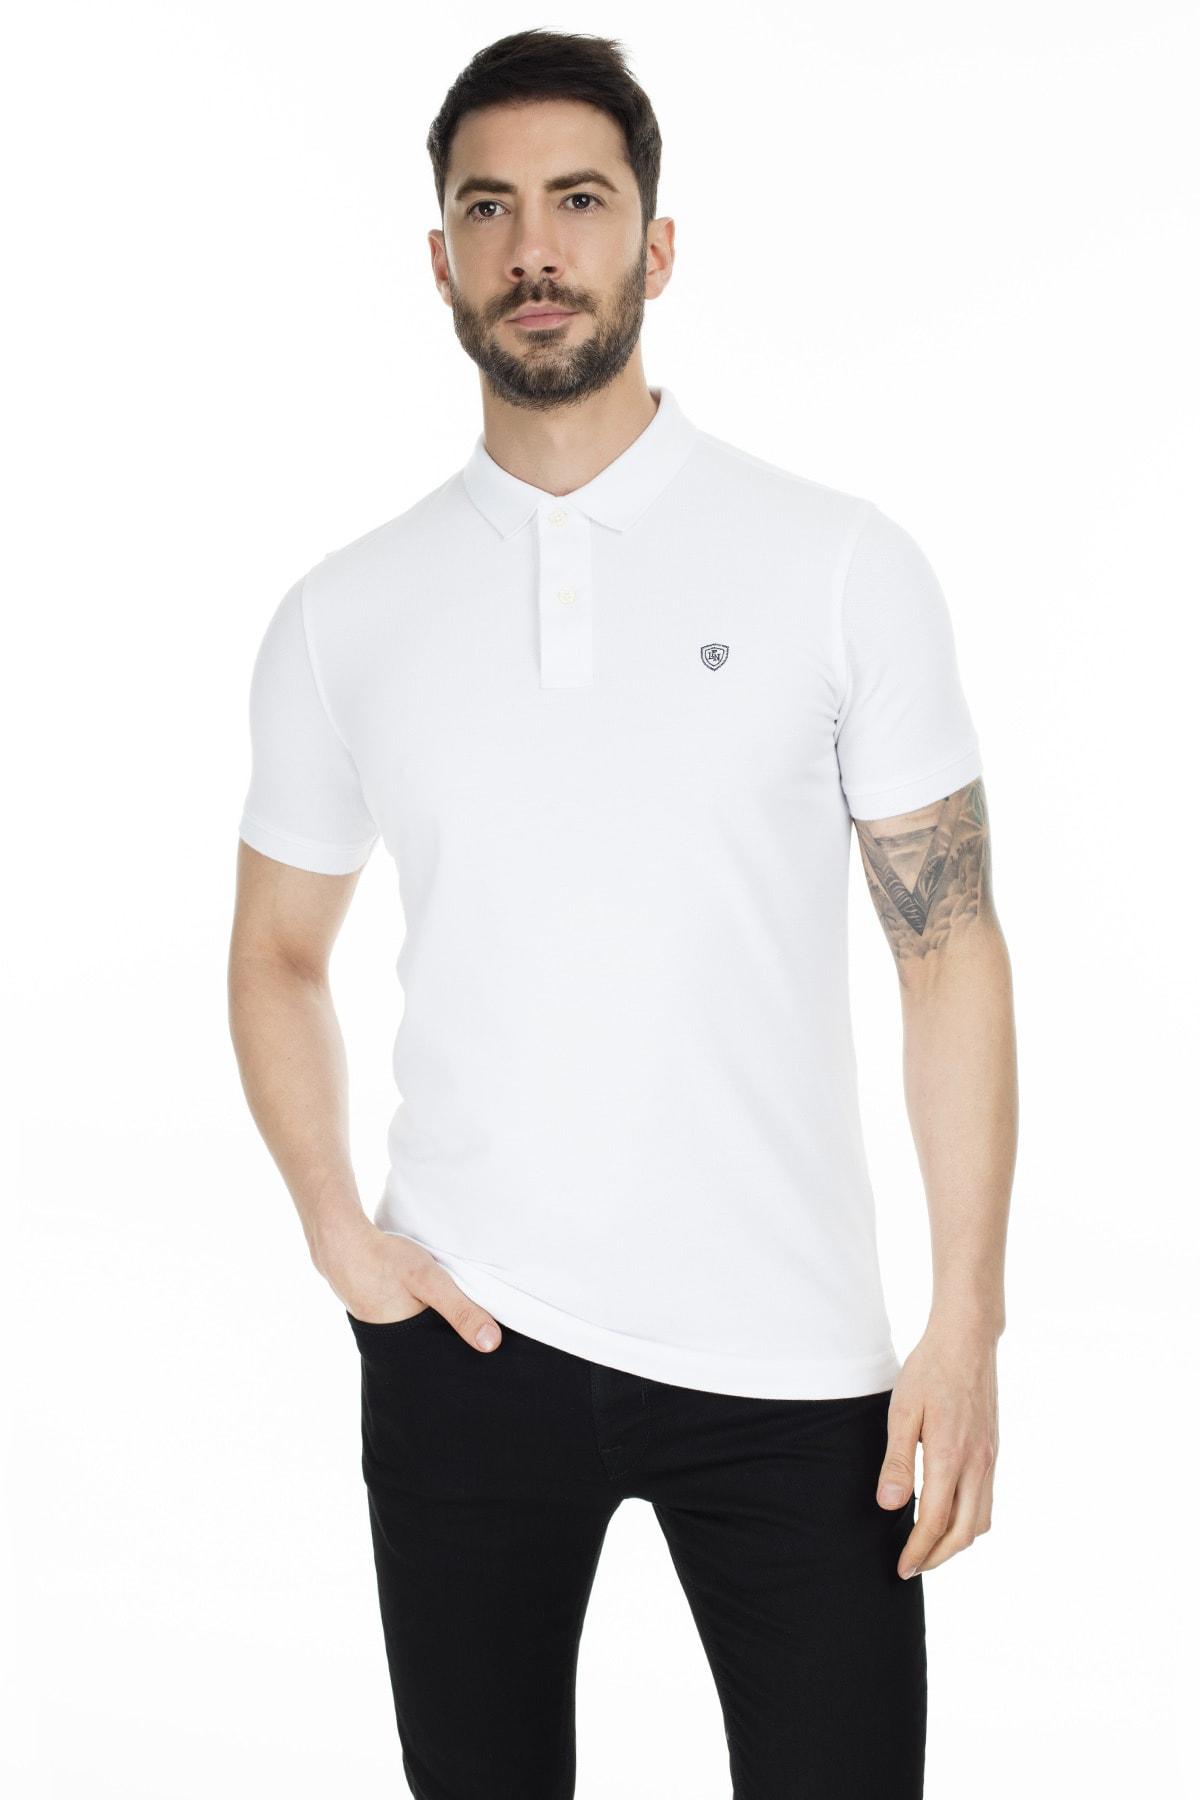 Lufian Laon Spor Polo T- Shirt Beyaz